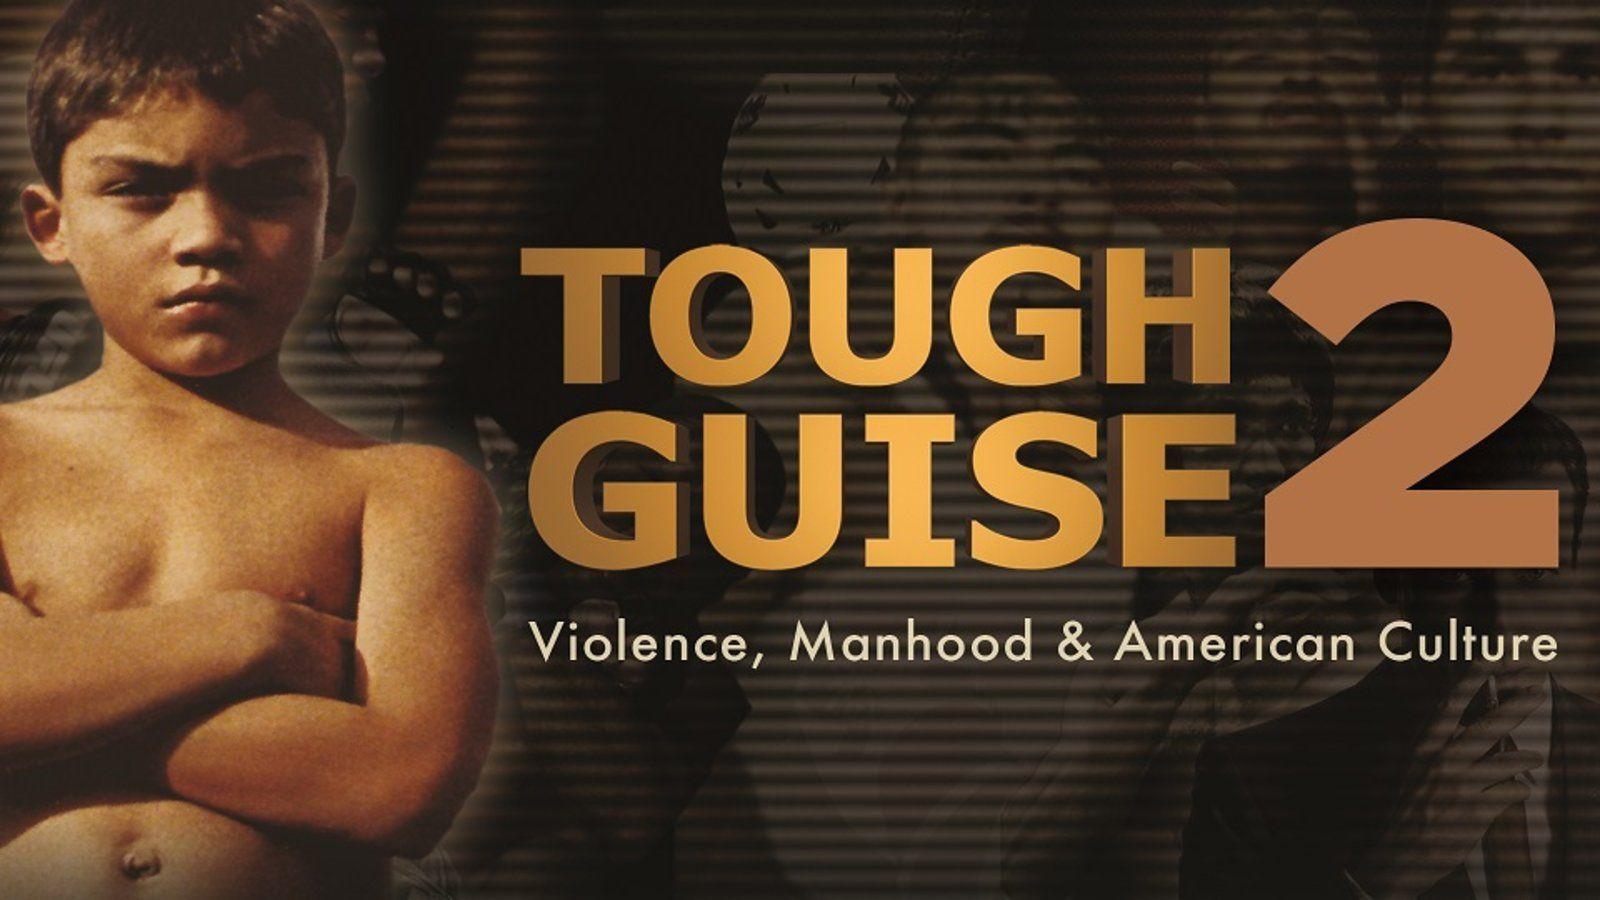 Film Screening - Tough Guise